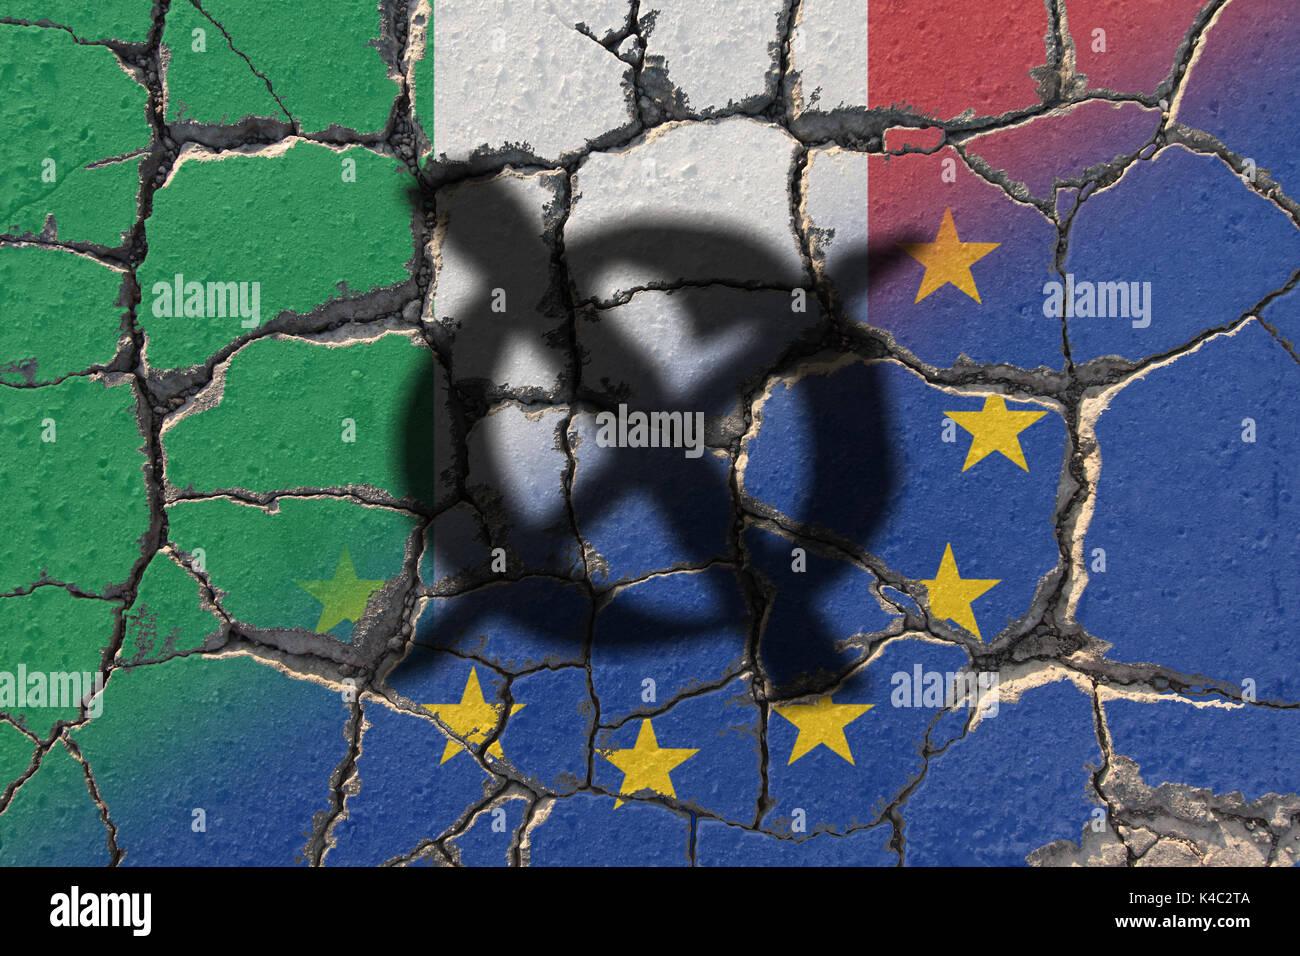 Referendum Italy Eroding Eu European Union And Italian Flags Stock Photo